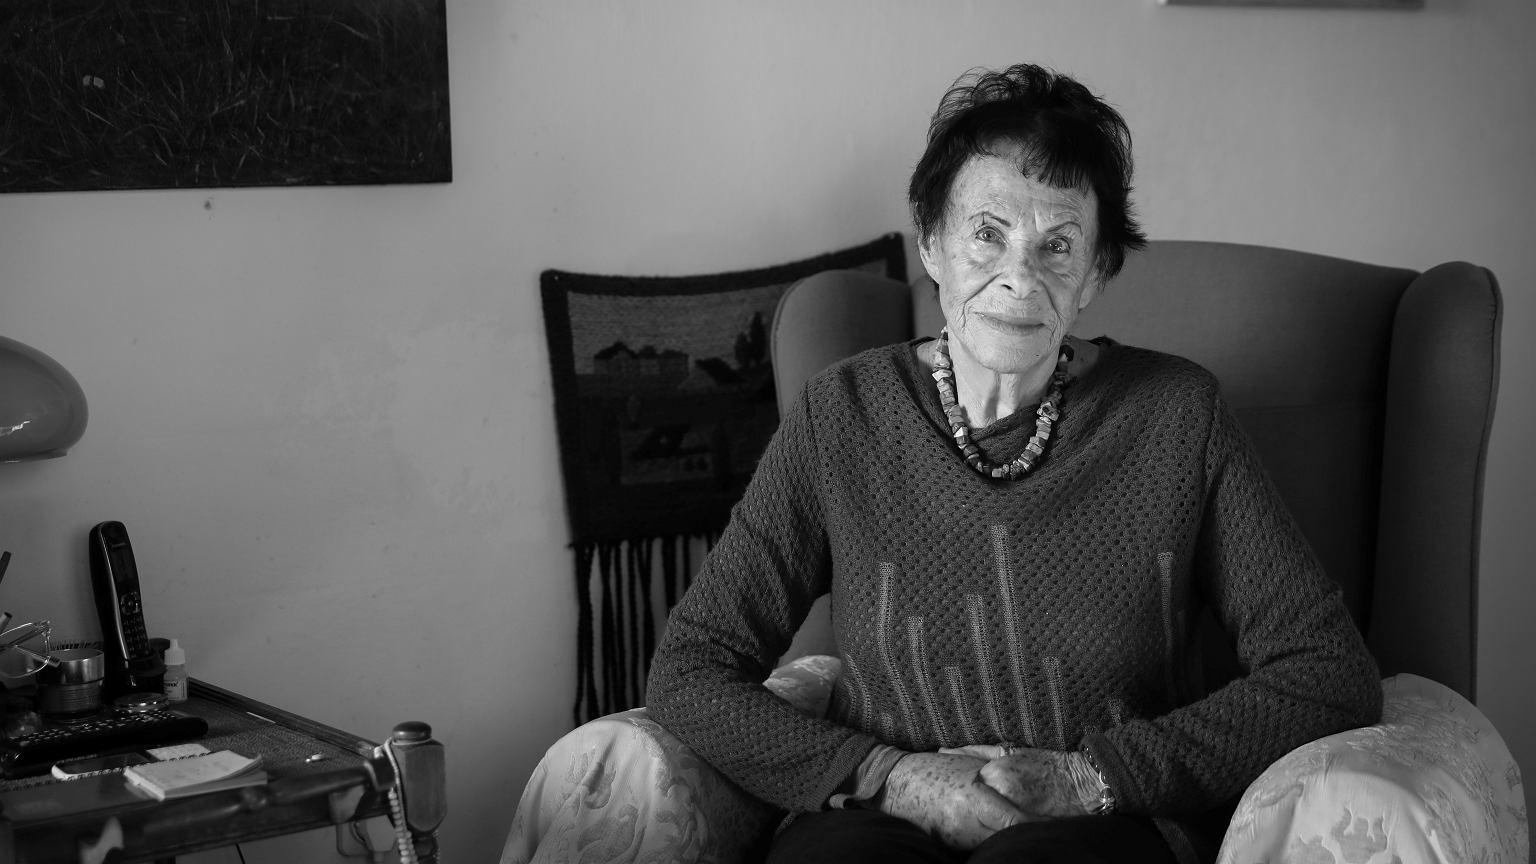 Dzisiaj jedyne miejsce, w którym Irena Likierman czuje się szczęśliwa, to dom na Warmii